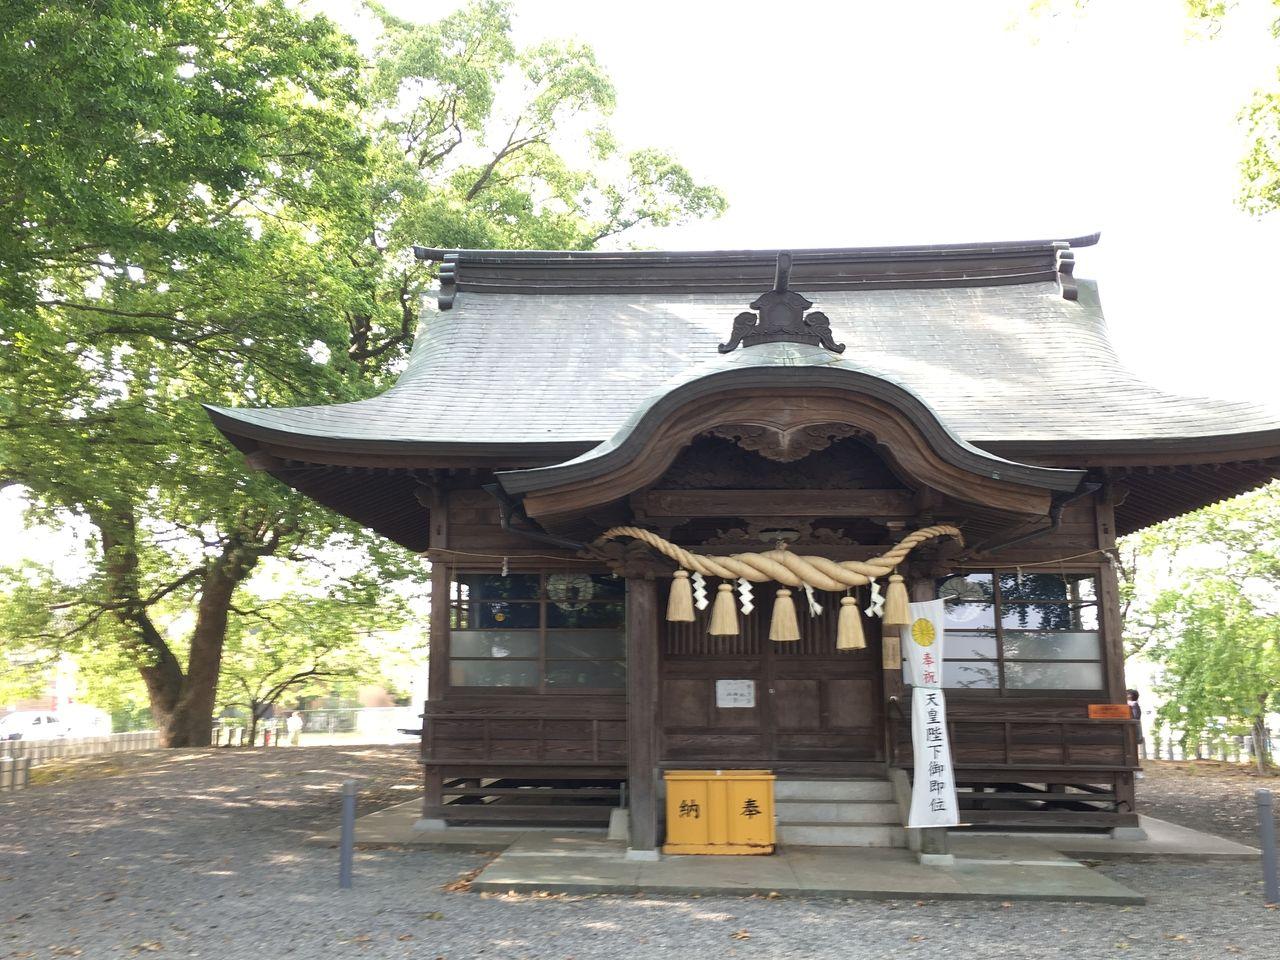 熊本市東区の沼山津神社のエネルギー溢れる新緑の中に佇む本殿